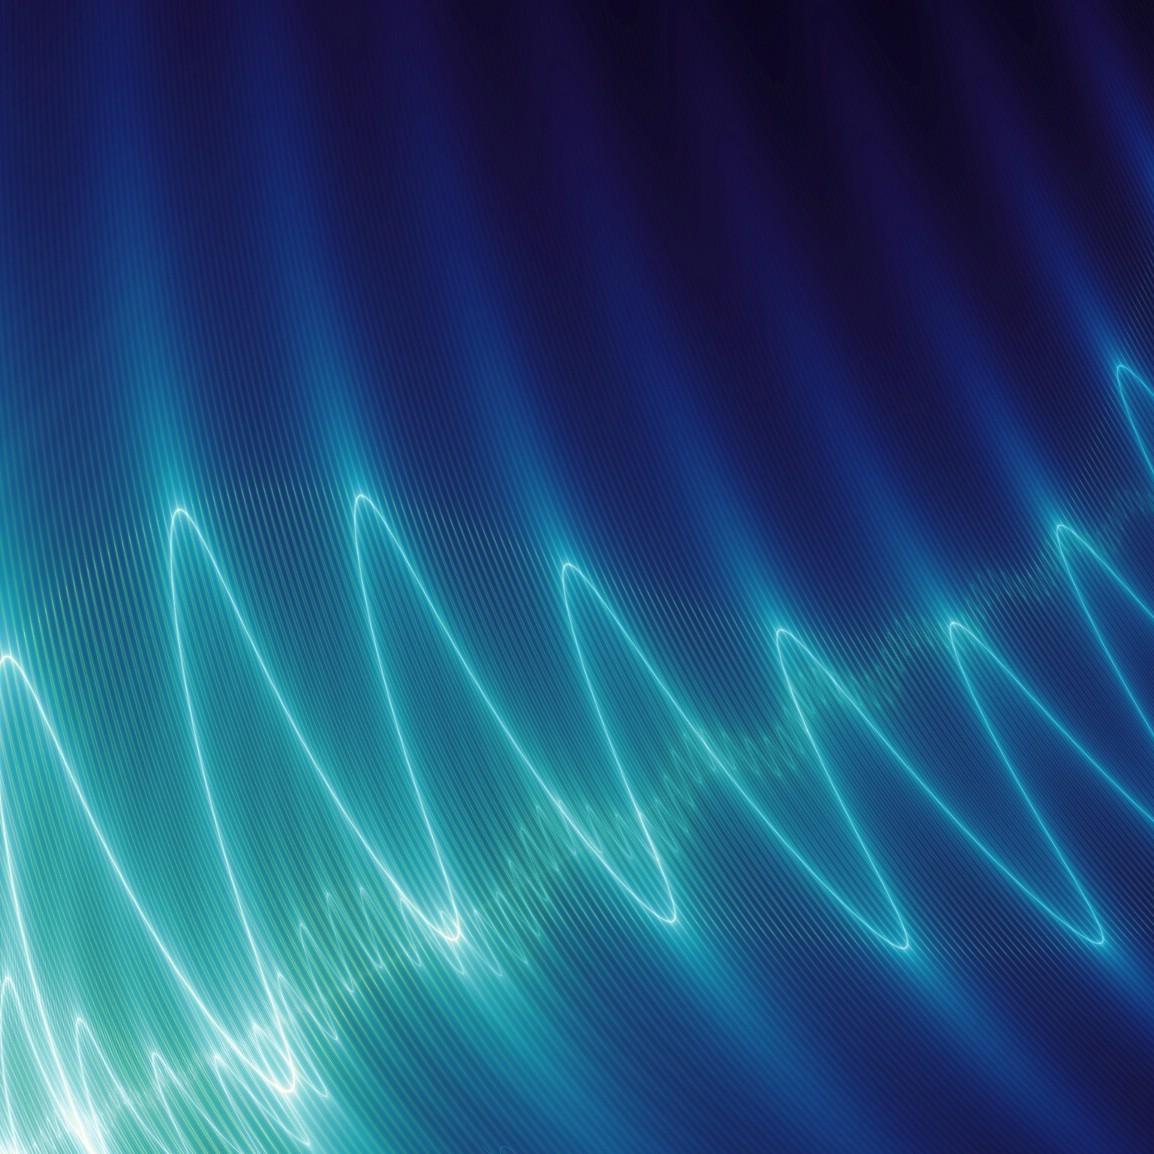 Получение радиочастот (Фото)